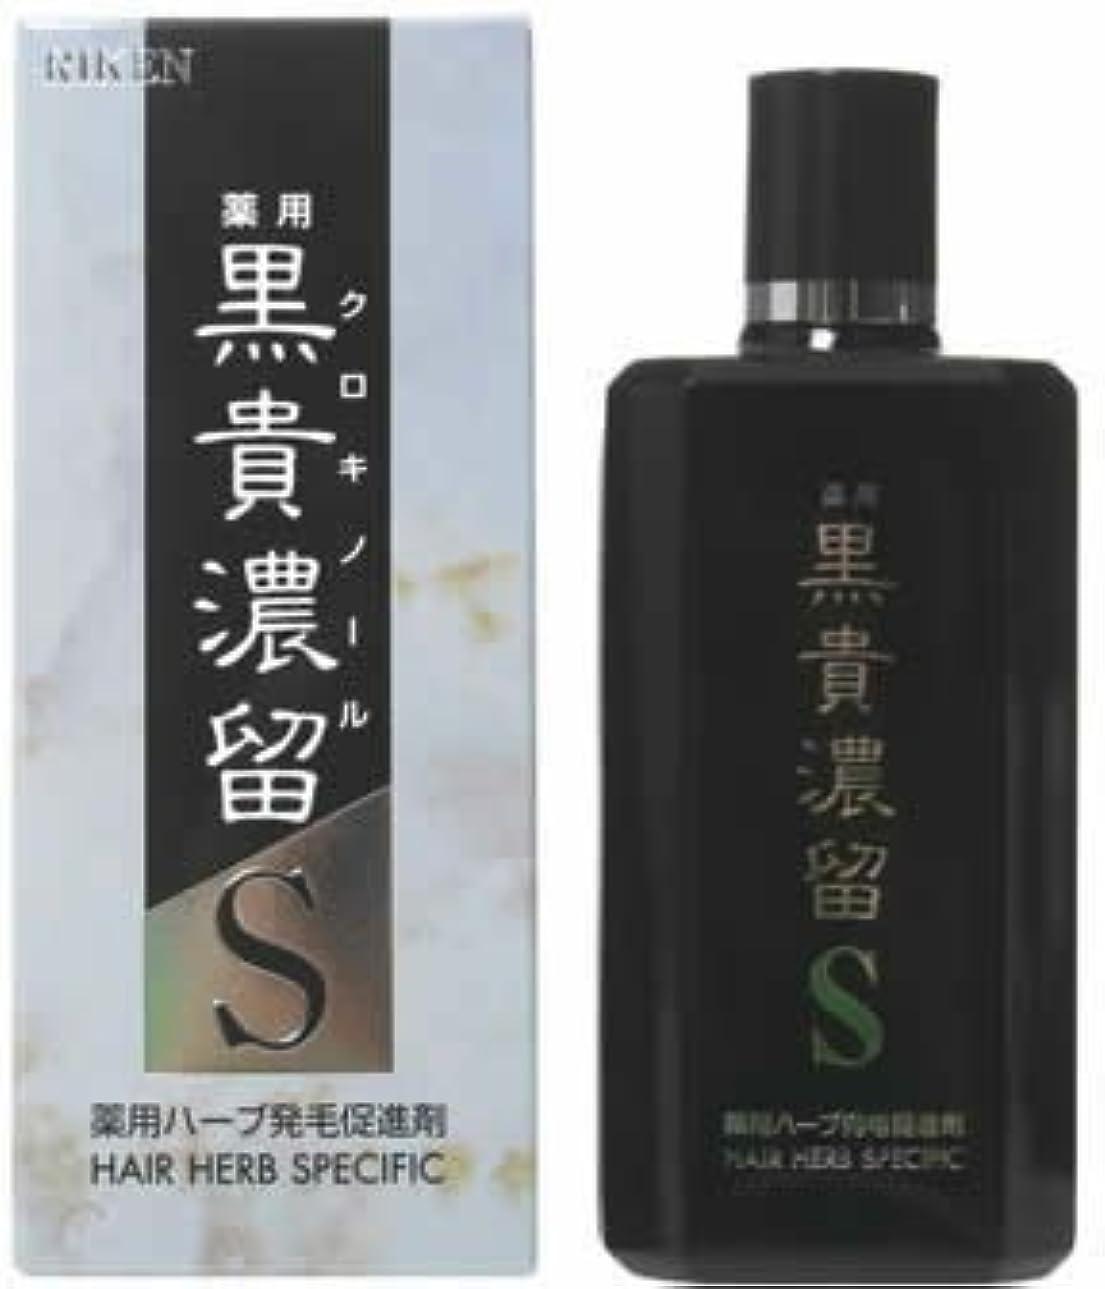 ソロ強風大使ユニマットリケン 黒貴濃留S(クロキノールS) 150ml